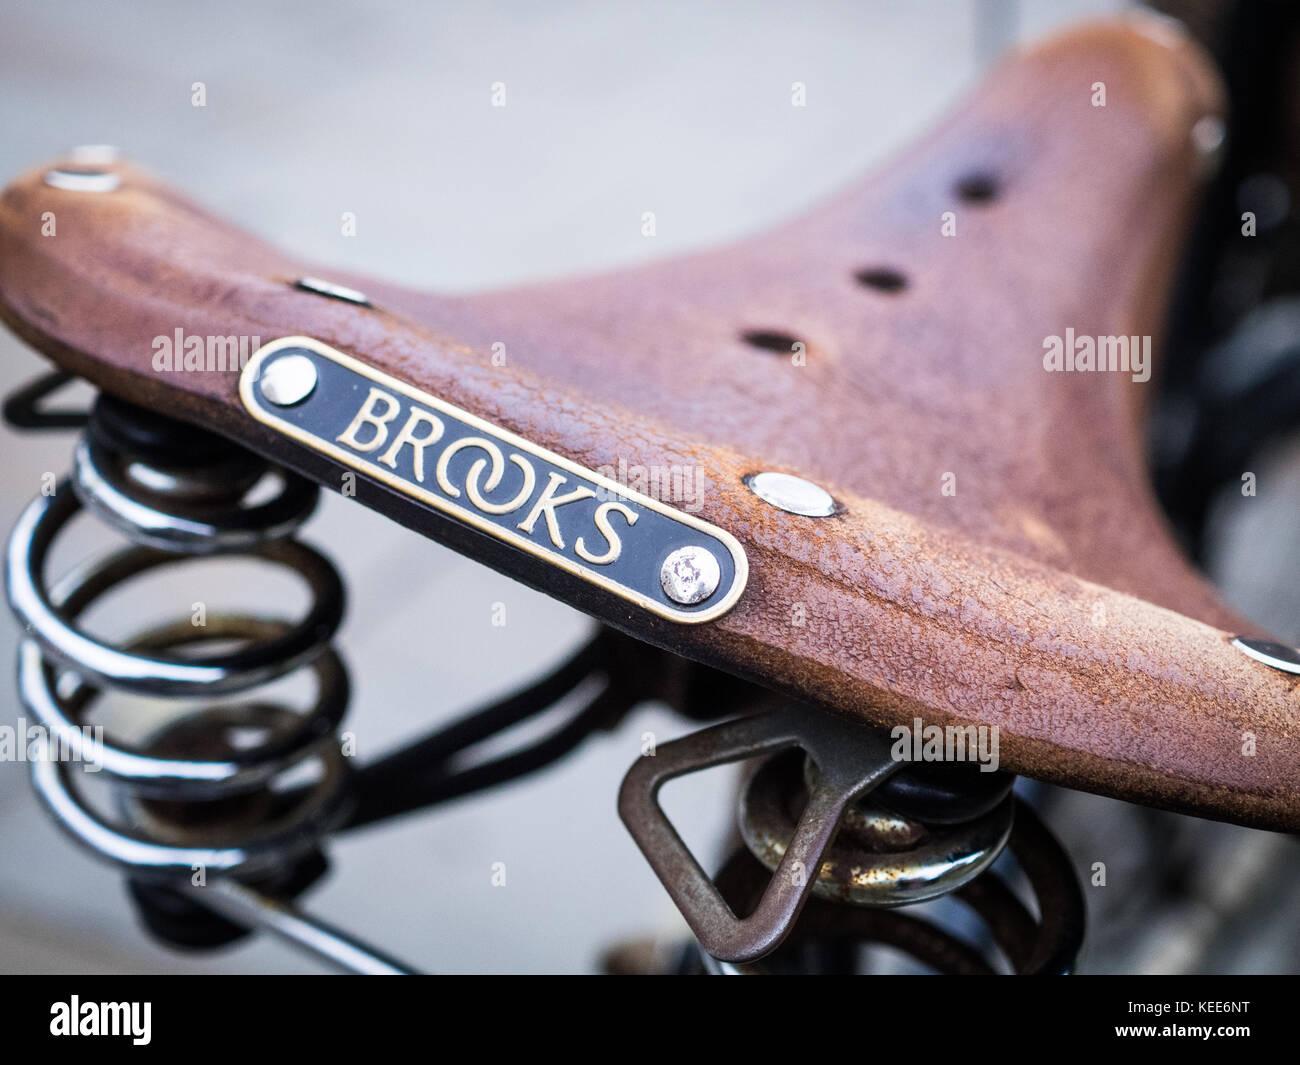 Brooks Leather Saddle - Traditional British Made Brooks Leather Bicycle / Bike Saddle Stock Photo